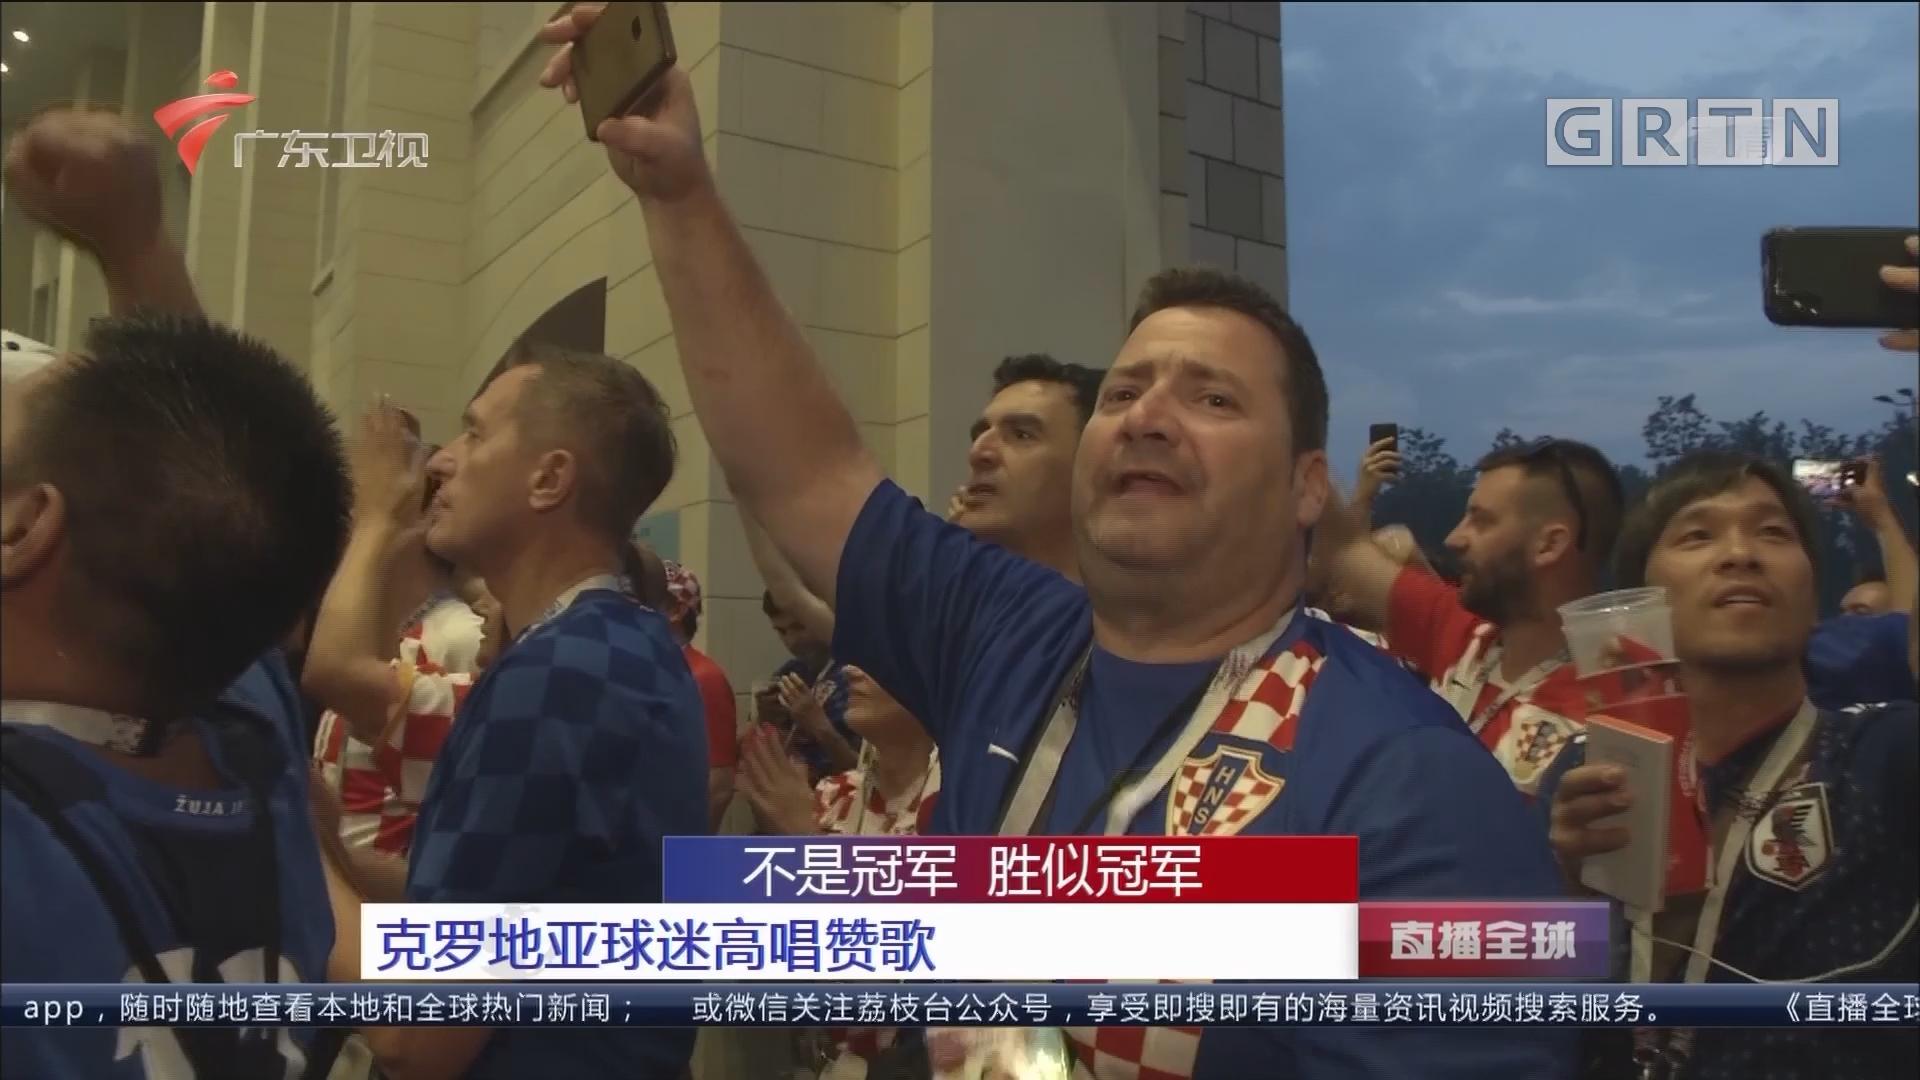 不是冠军 胜似冠军:克罗地亚球迷高唱赞歌